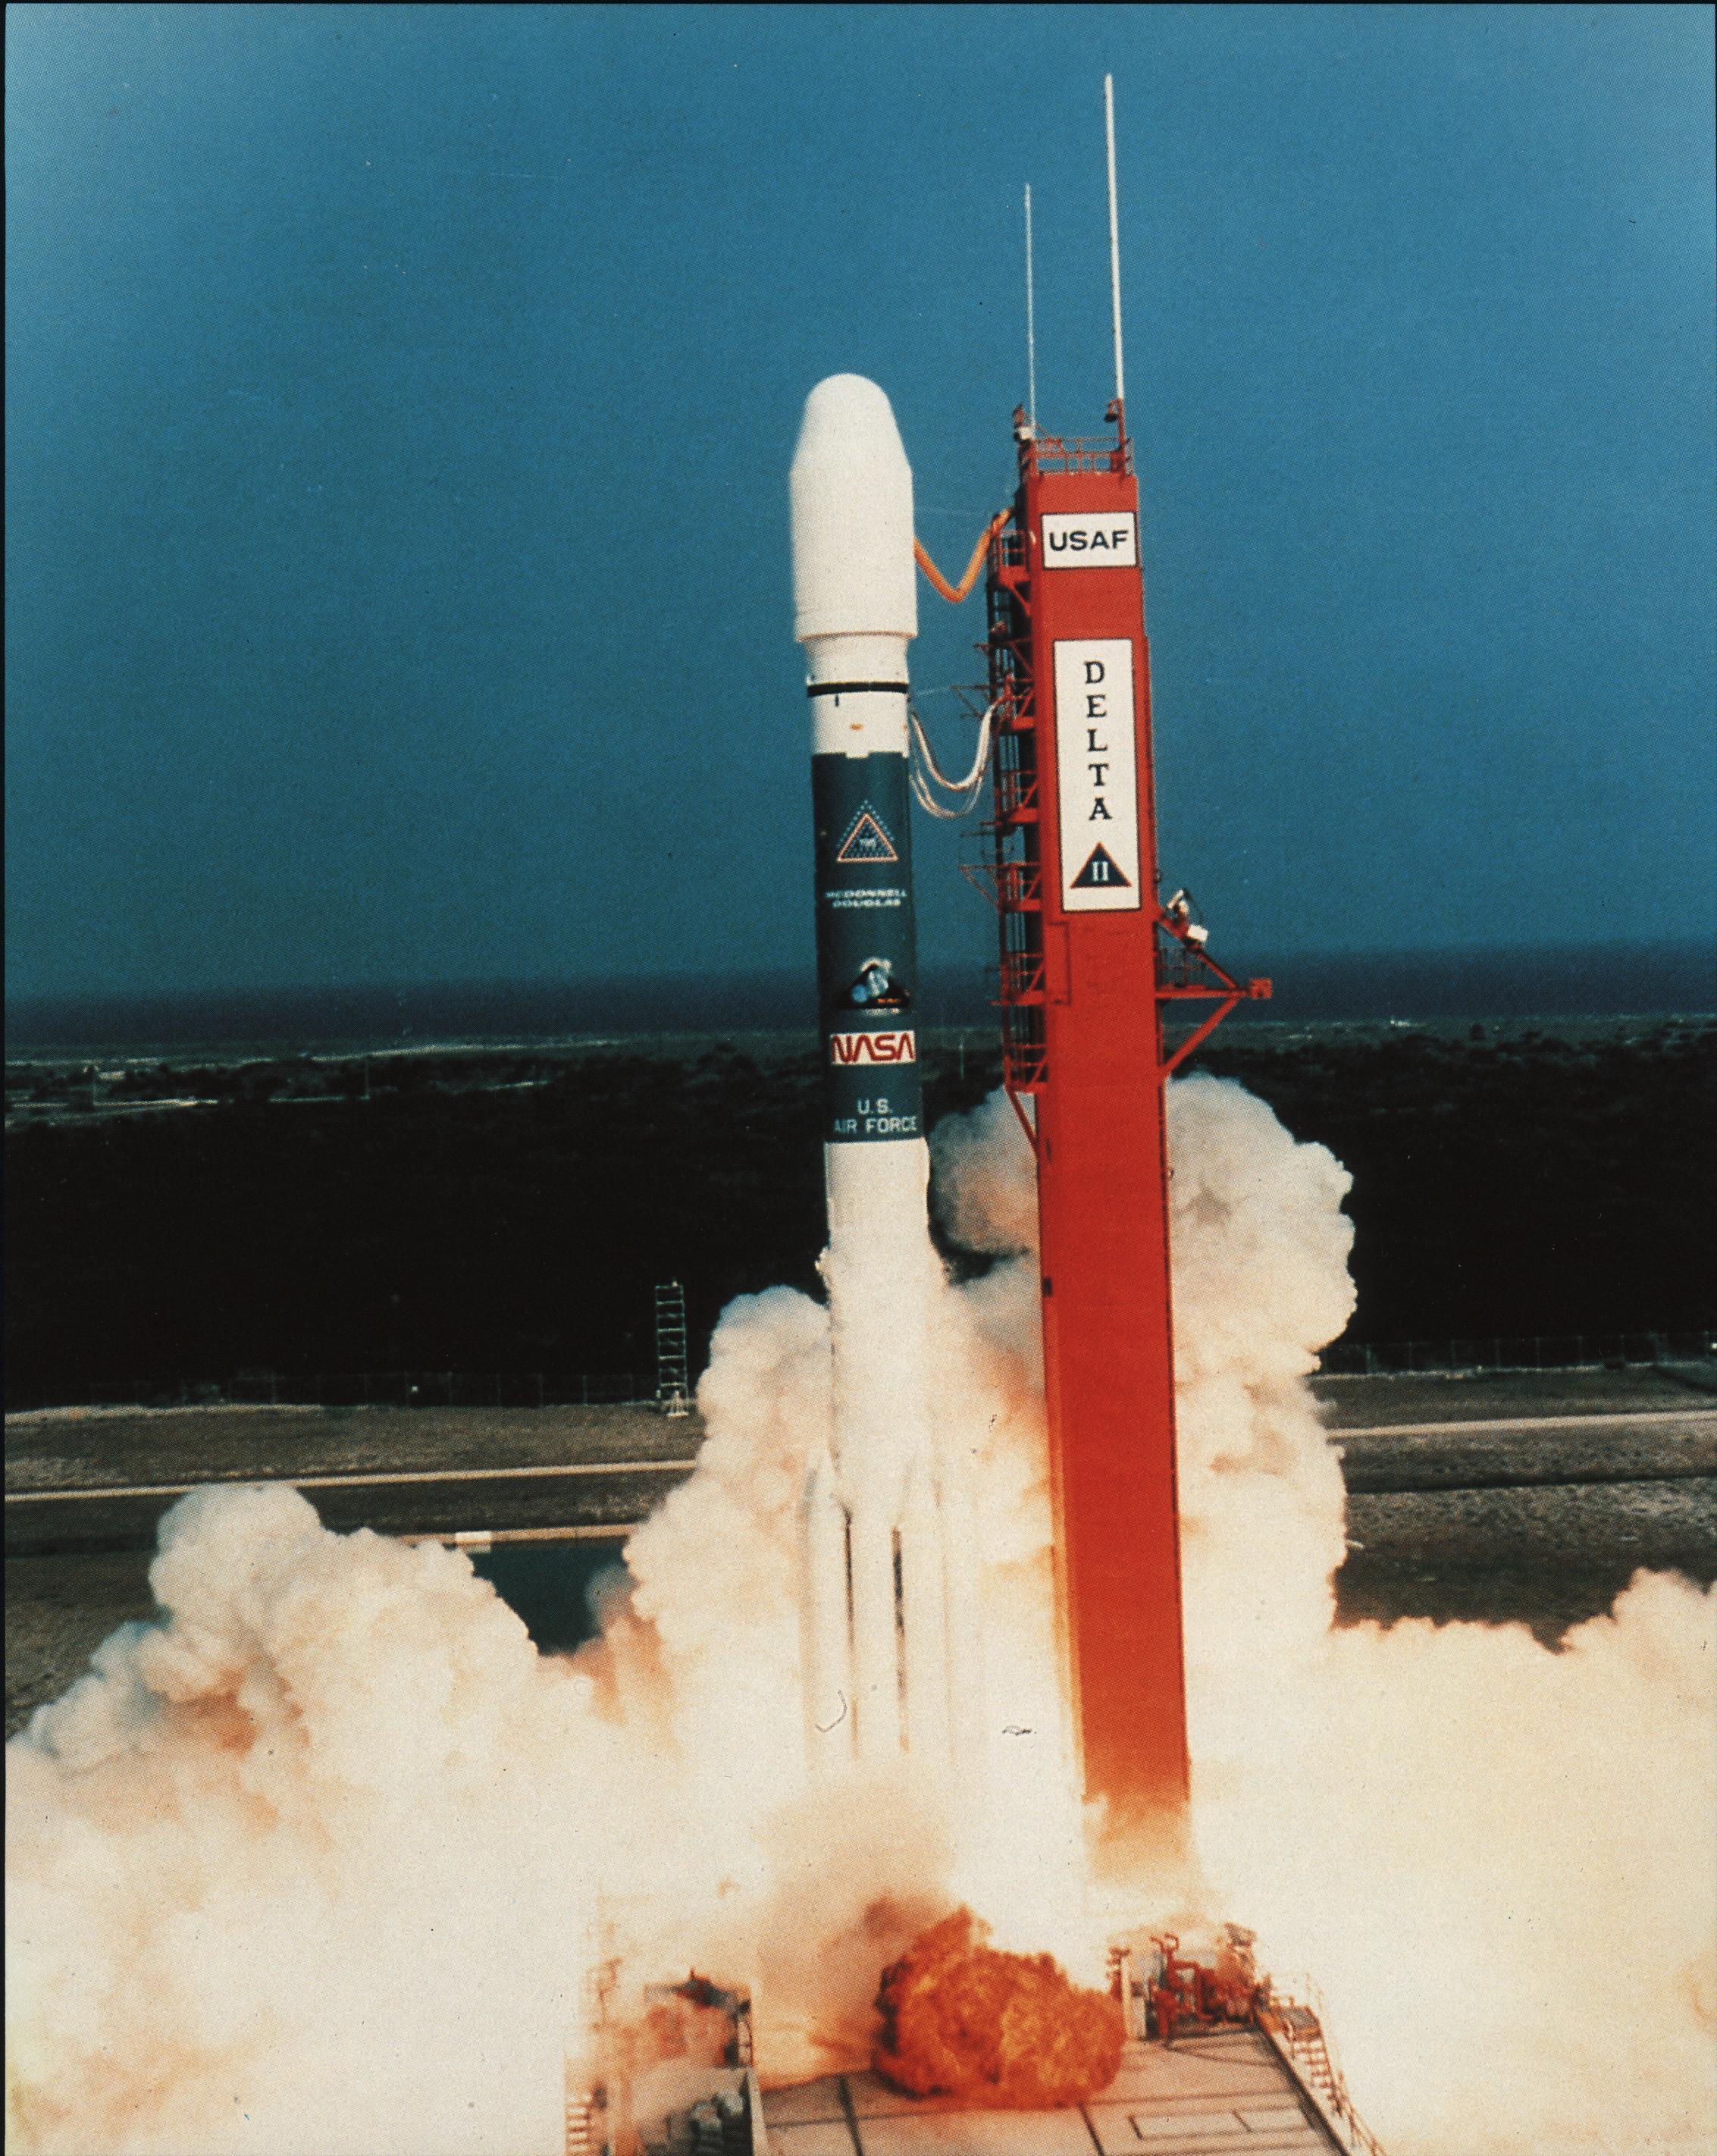 ROSAT Images: Launch